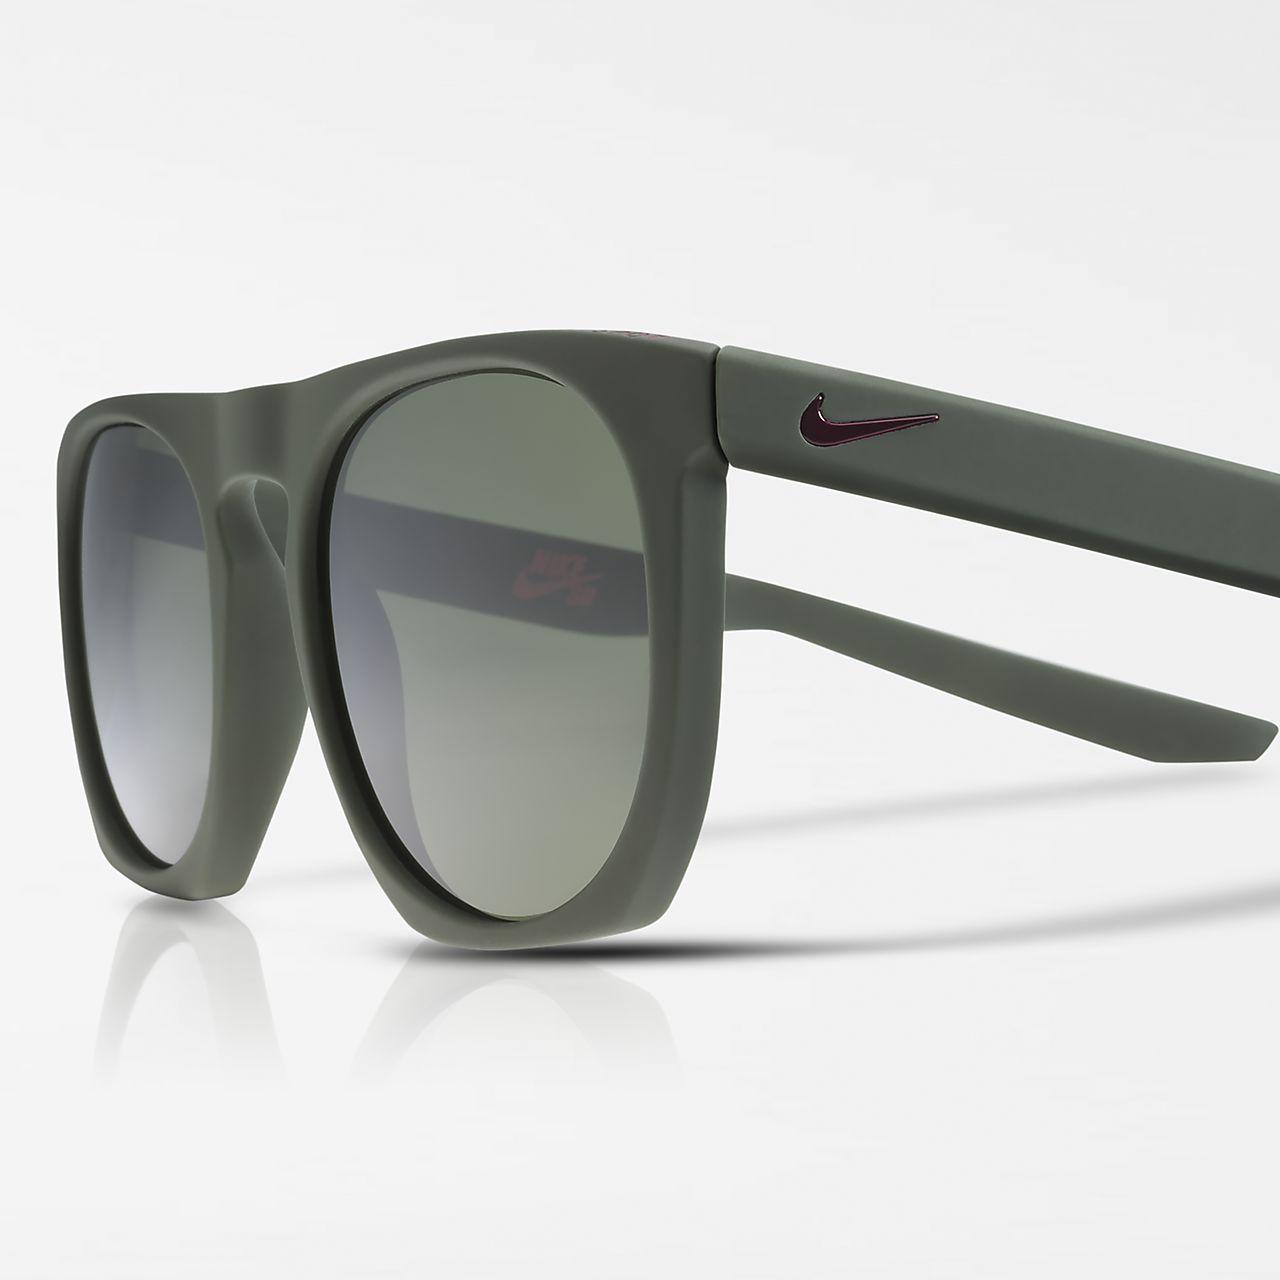 Soleil Flatspot Be Nike Lunettes De Rw06q0f